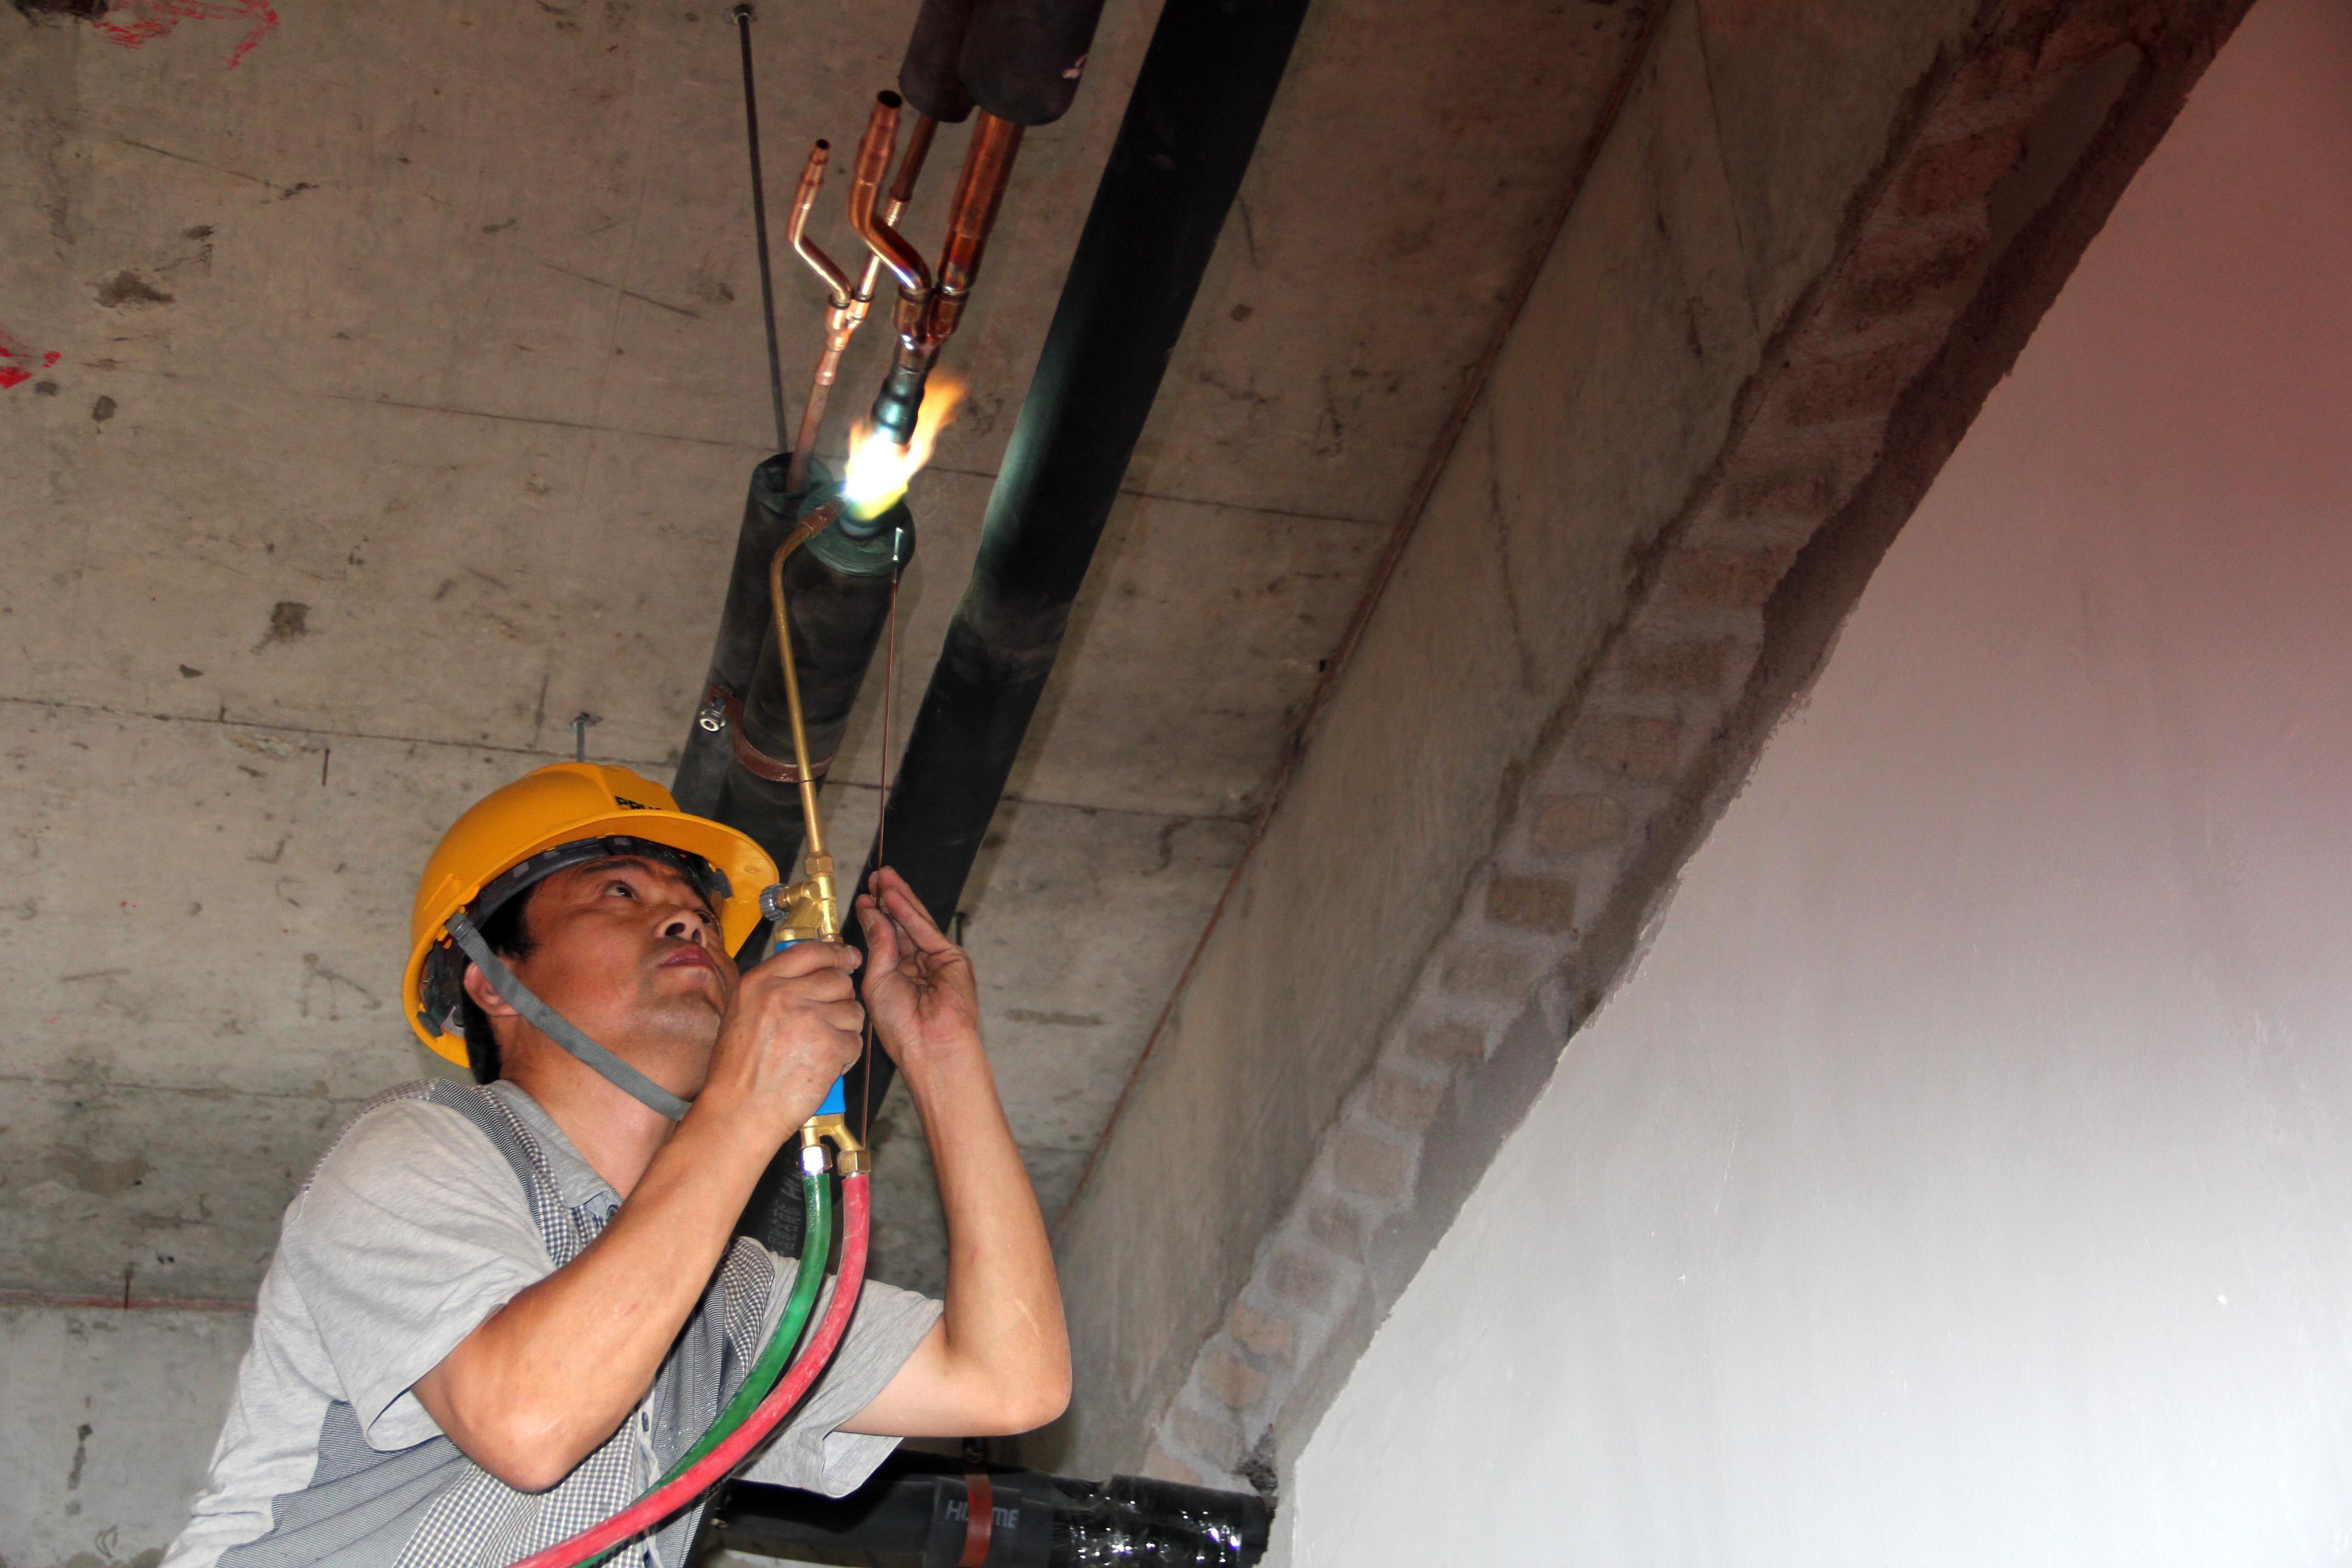 東莞二手空調批發|二手空調市場|回收二手空調